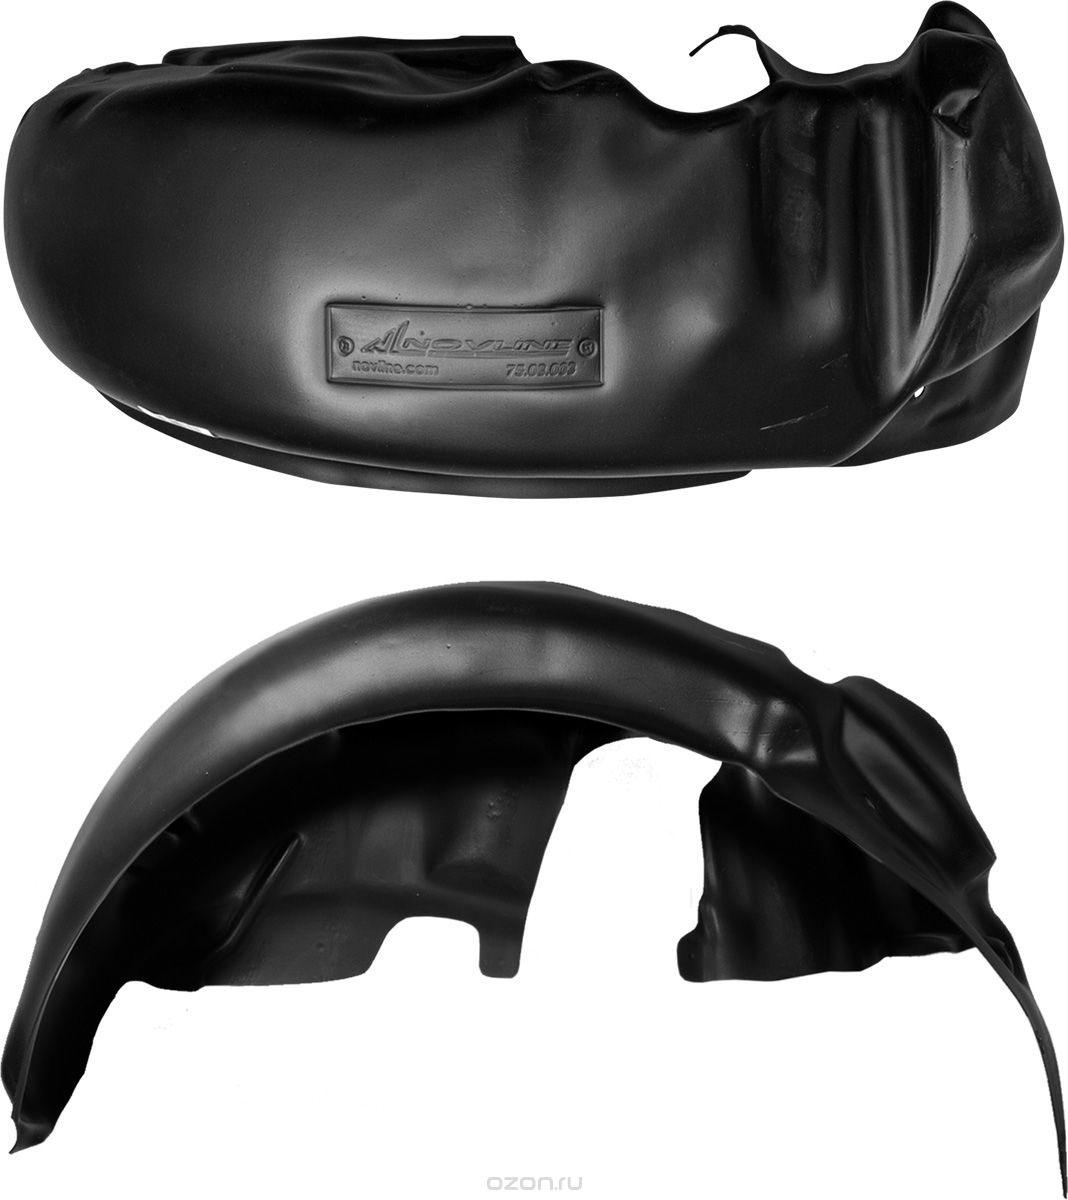 Подкрылок Novline-Autofamily, для TOYOTA Highlander, 2010-2013, задний левыйNLL.48.50.003Идеальная защита колесной ниши. Локеры разработаны с применением цифровых технологий, гарантируют максимальную повторяемость поверхности арки. Изделия устанавливаются без нарушения лакокрасочного покрытия автомобиля, каждый подкрылок комплектуется крепежом. Уважаемые клиенты, обращаем ваше внимание, что фотографии на подкрылки универсальные и не отражают реальную форму изделия. При этом само изделие идет точно под размер указанного автомобиля.